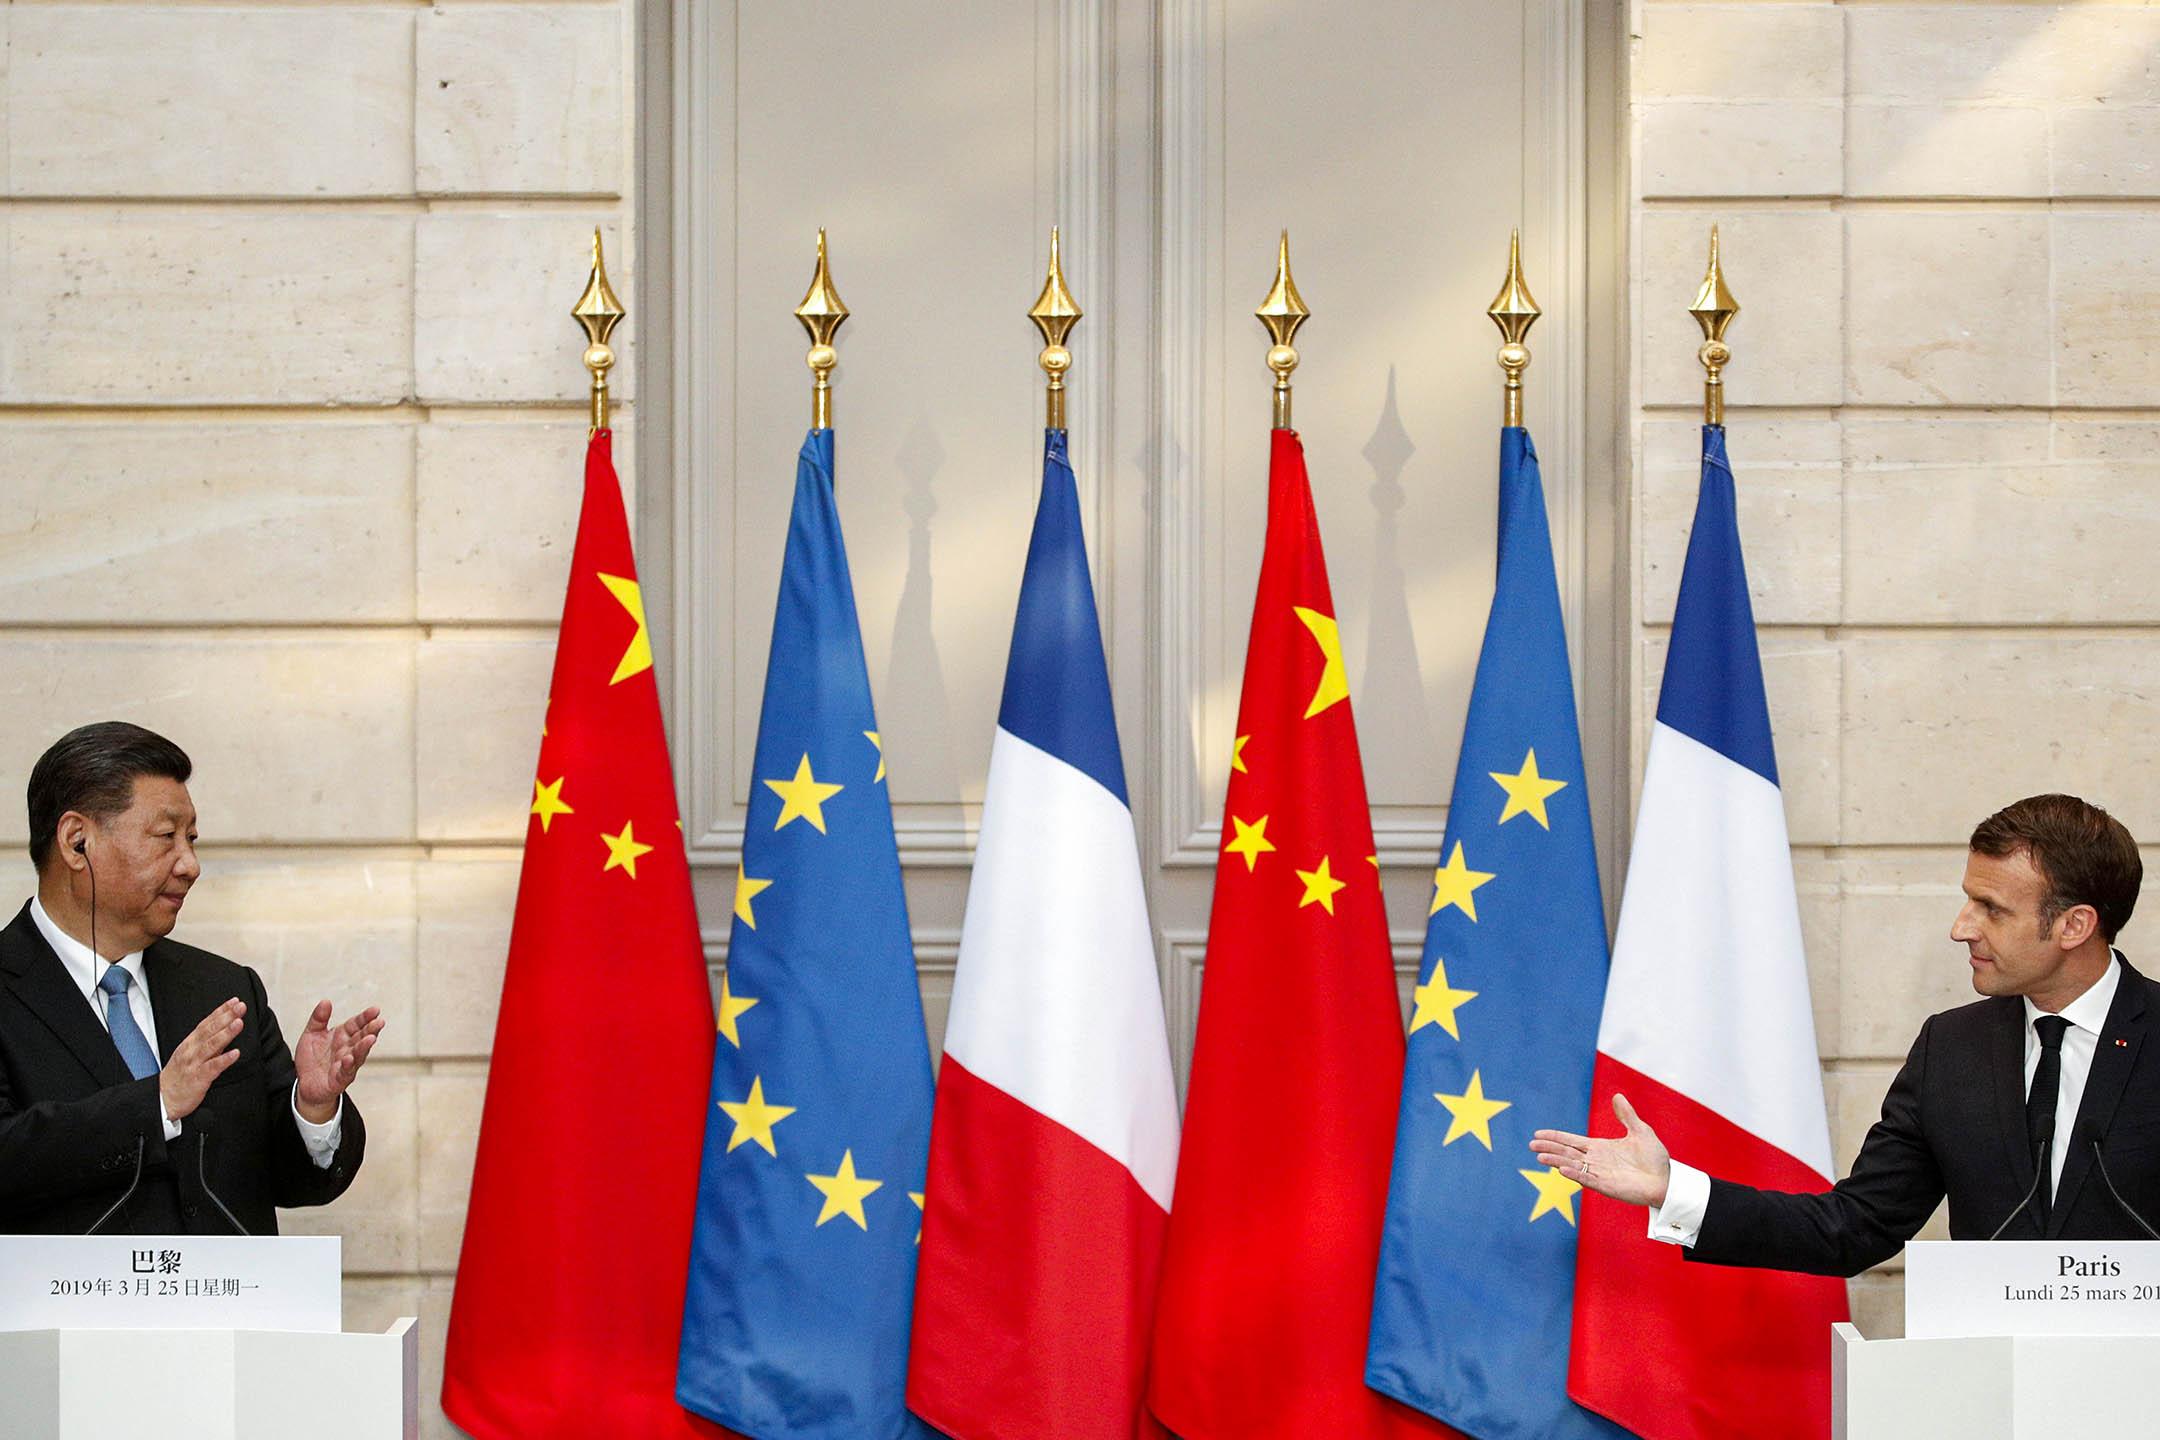 2019年3月25日法國巴黎,法國總統馬克龍(Emmanuel Macron)和中國國家主席習近平在會議後會舉行新聞發布會。 攝:Yoan Valat/Reuters/達志影像